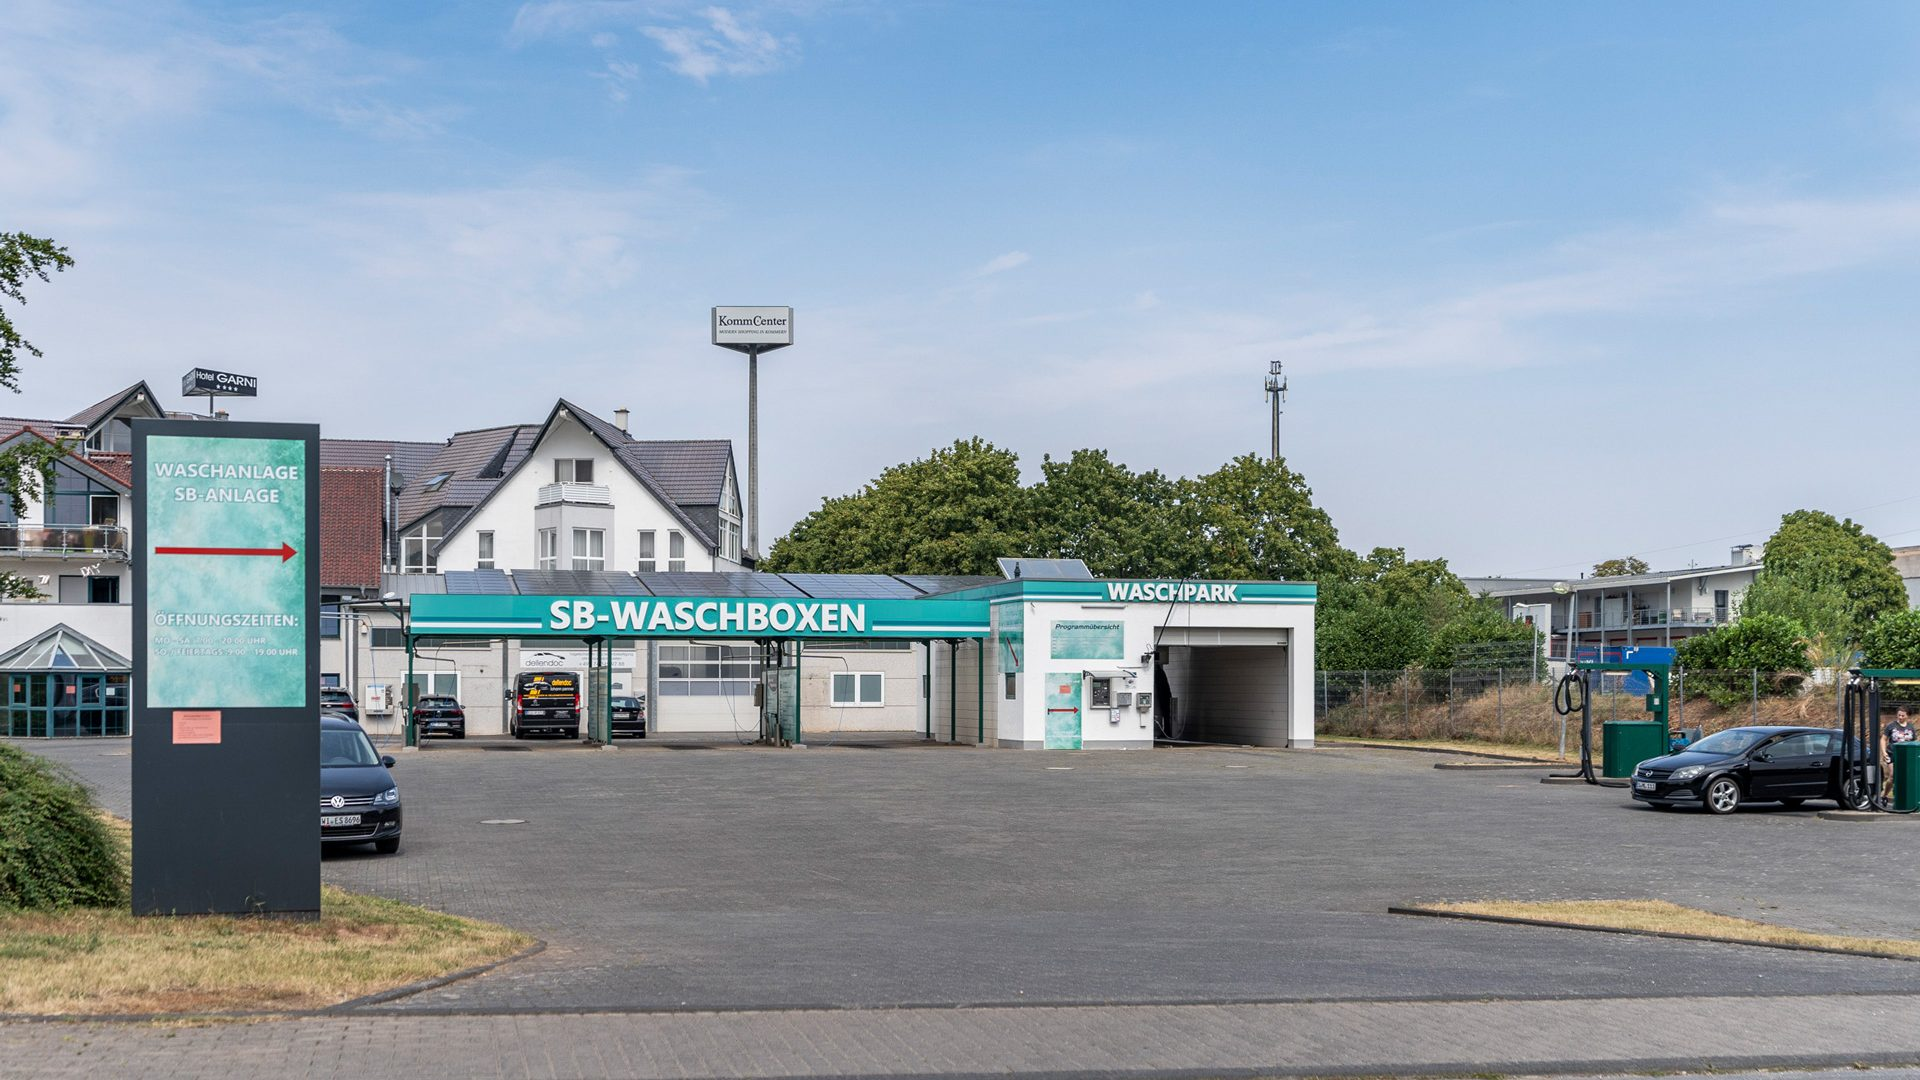 Waschpark Kommern, Levanoweg 1